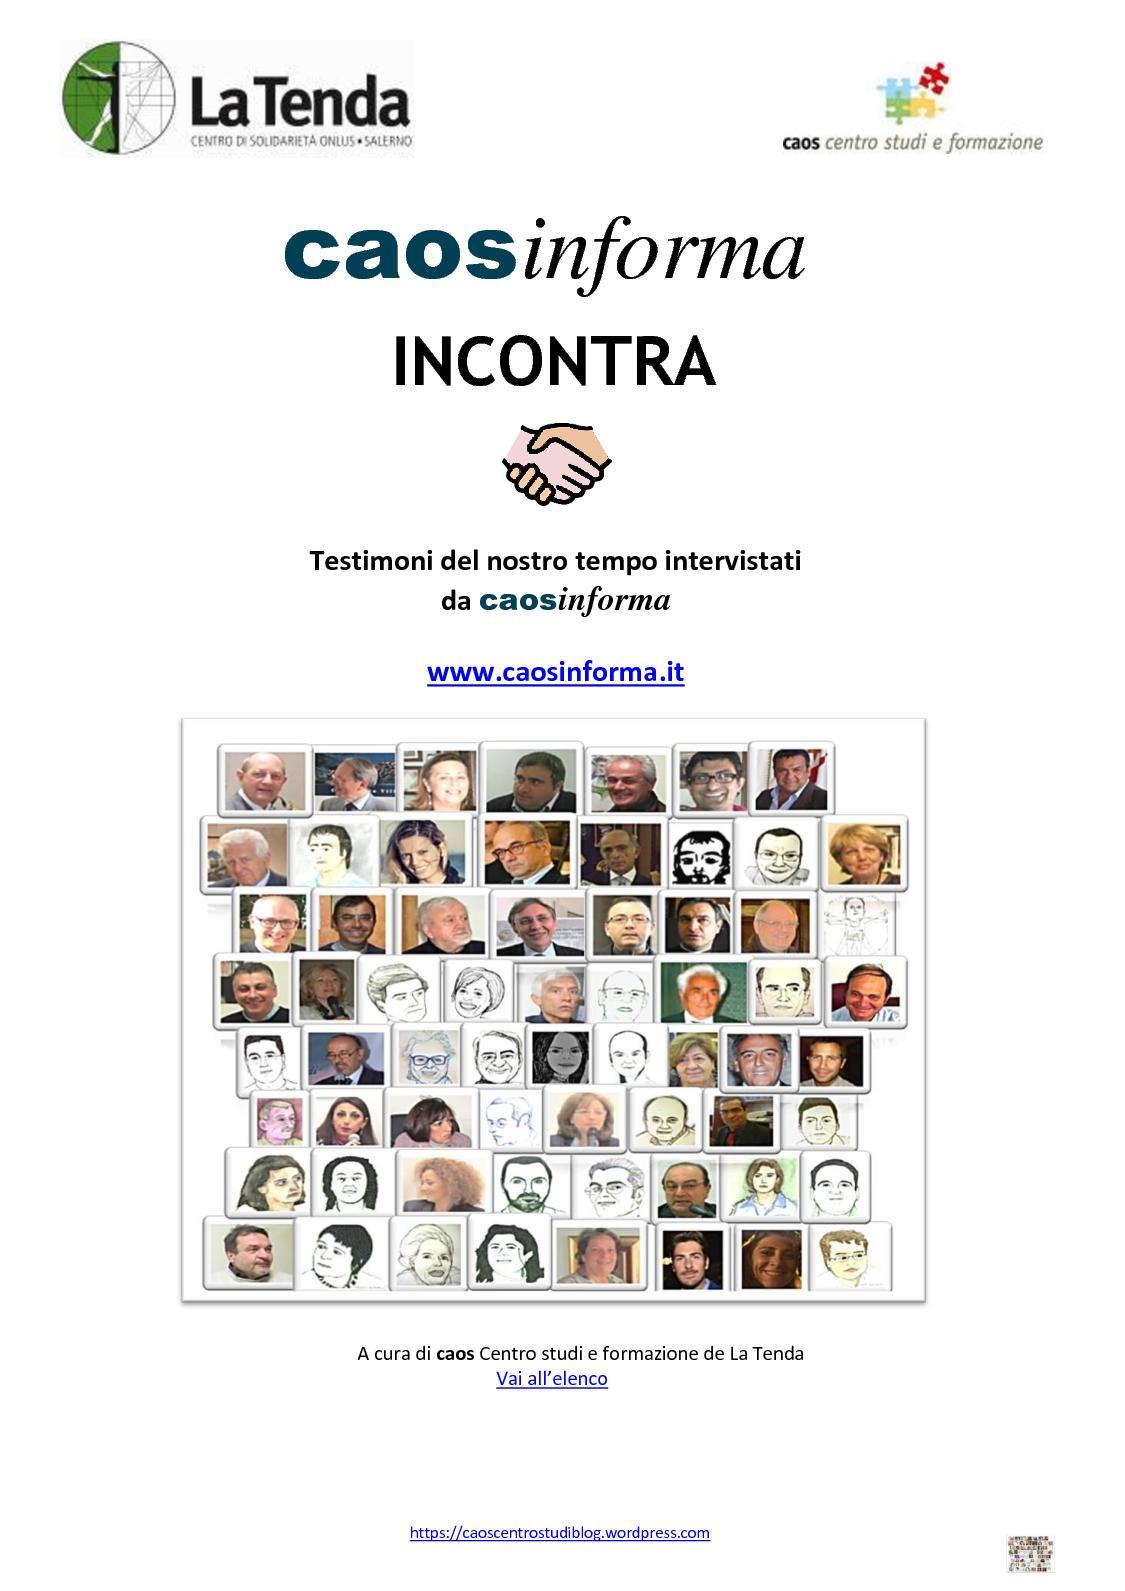 Calaméo - Caosinforma Incontra bf24012f458